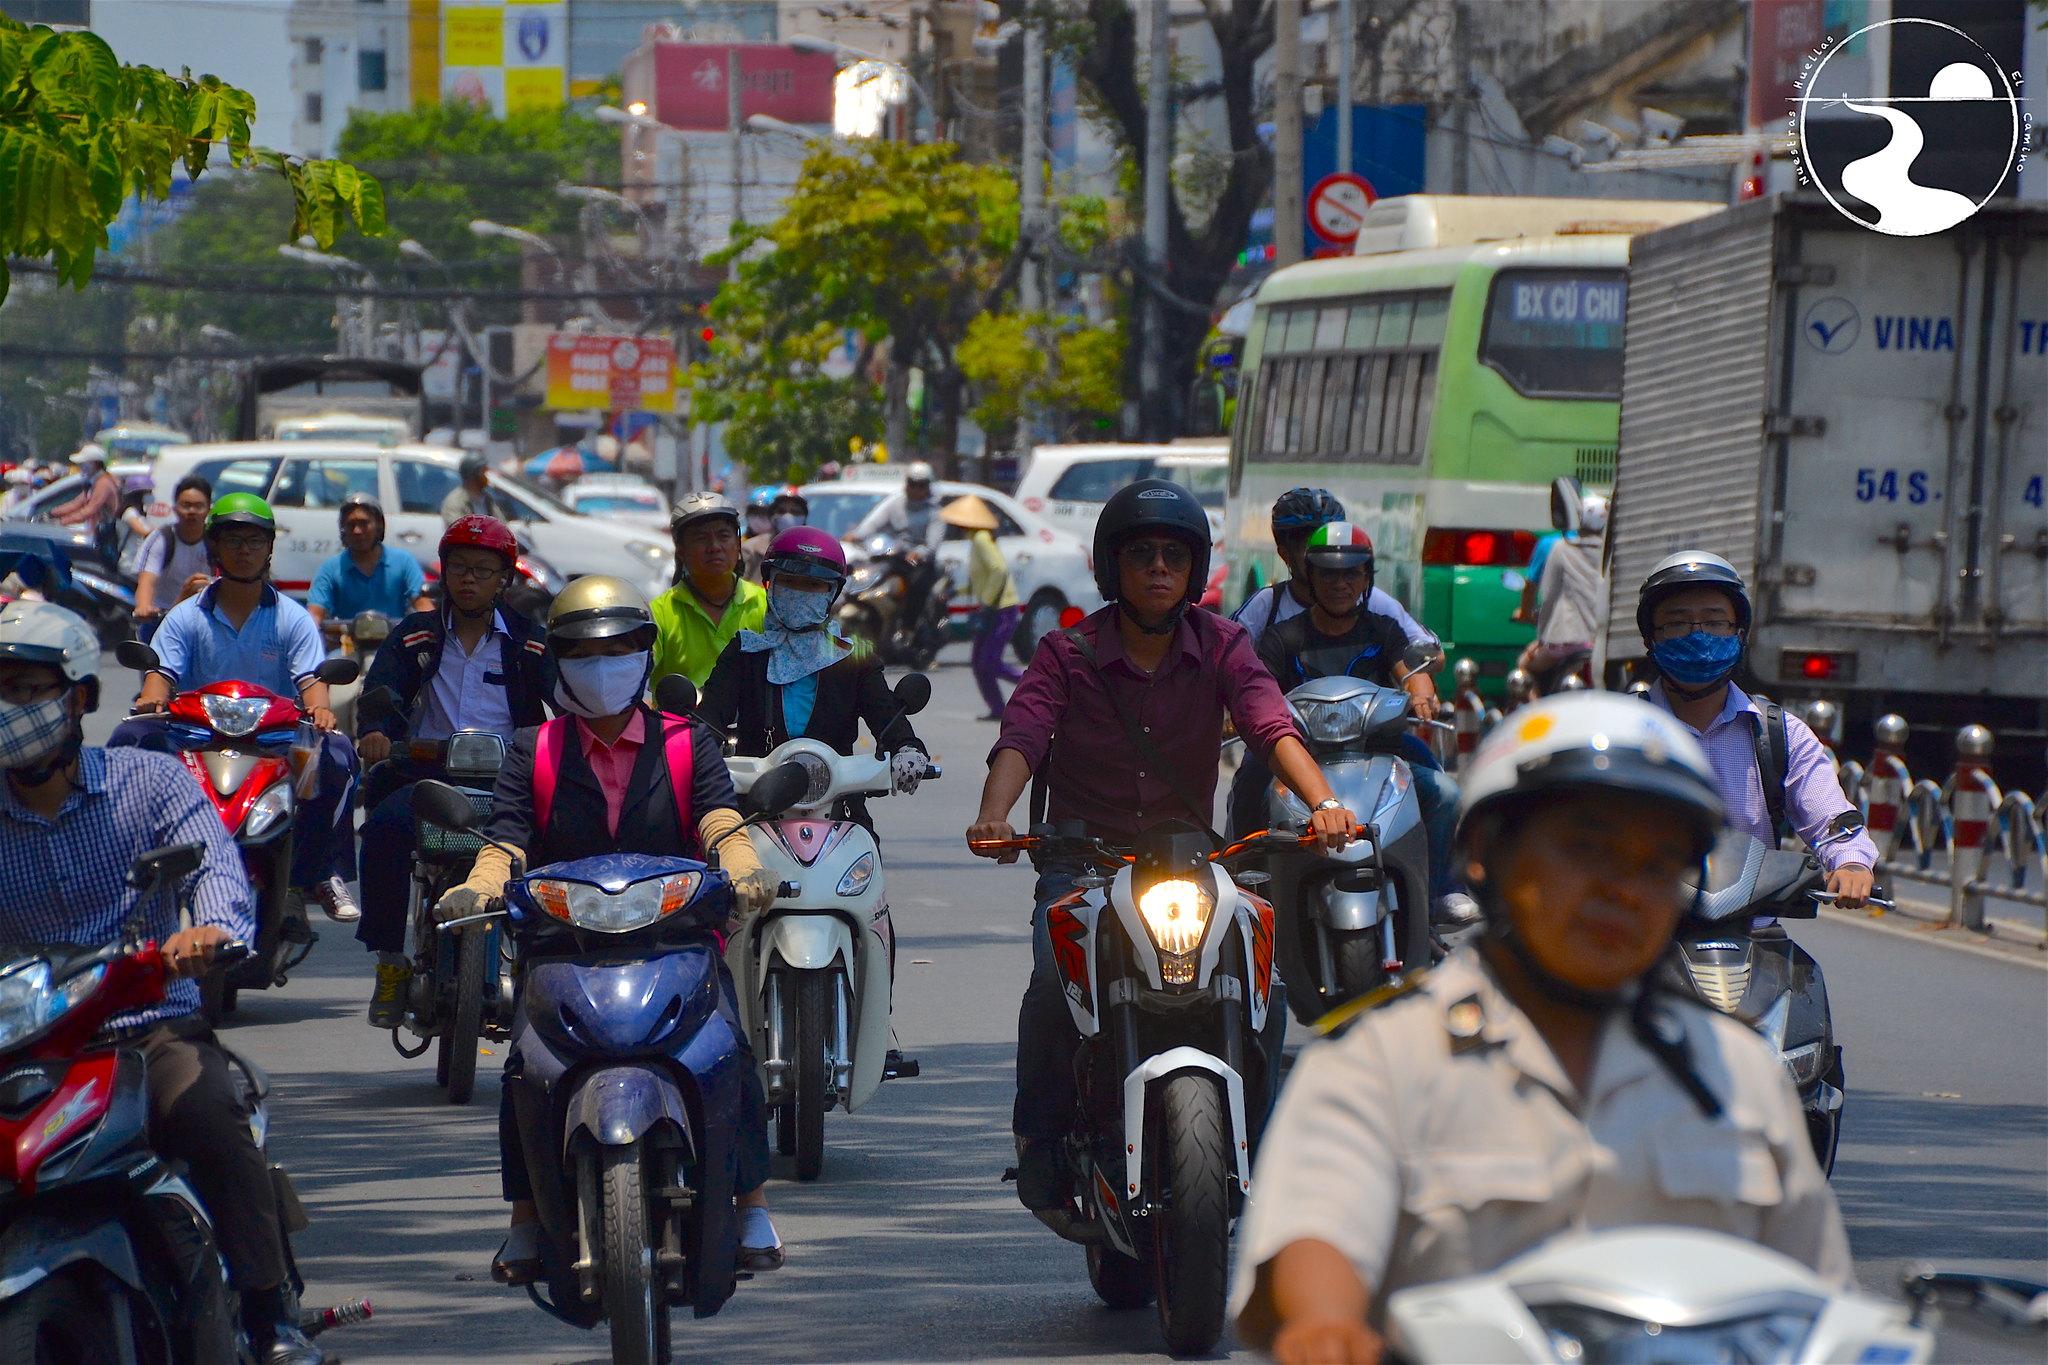 Manada de motos en Saigon